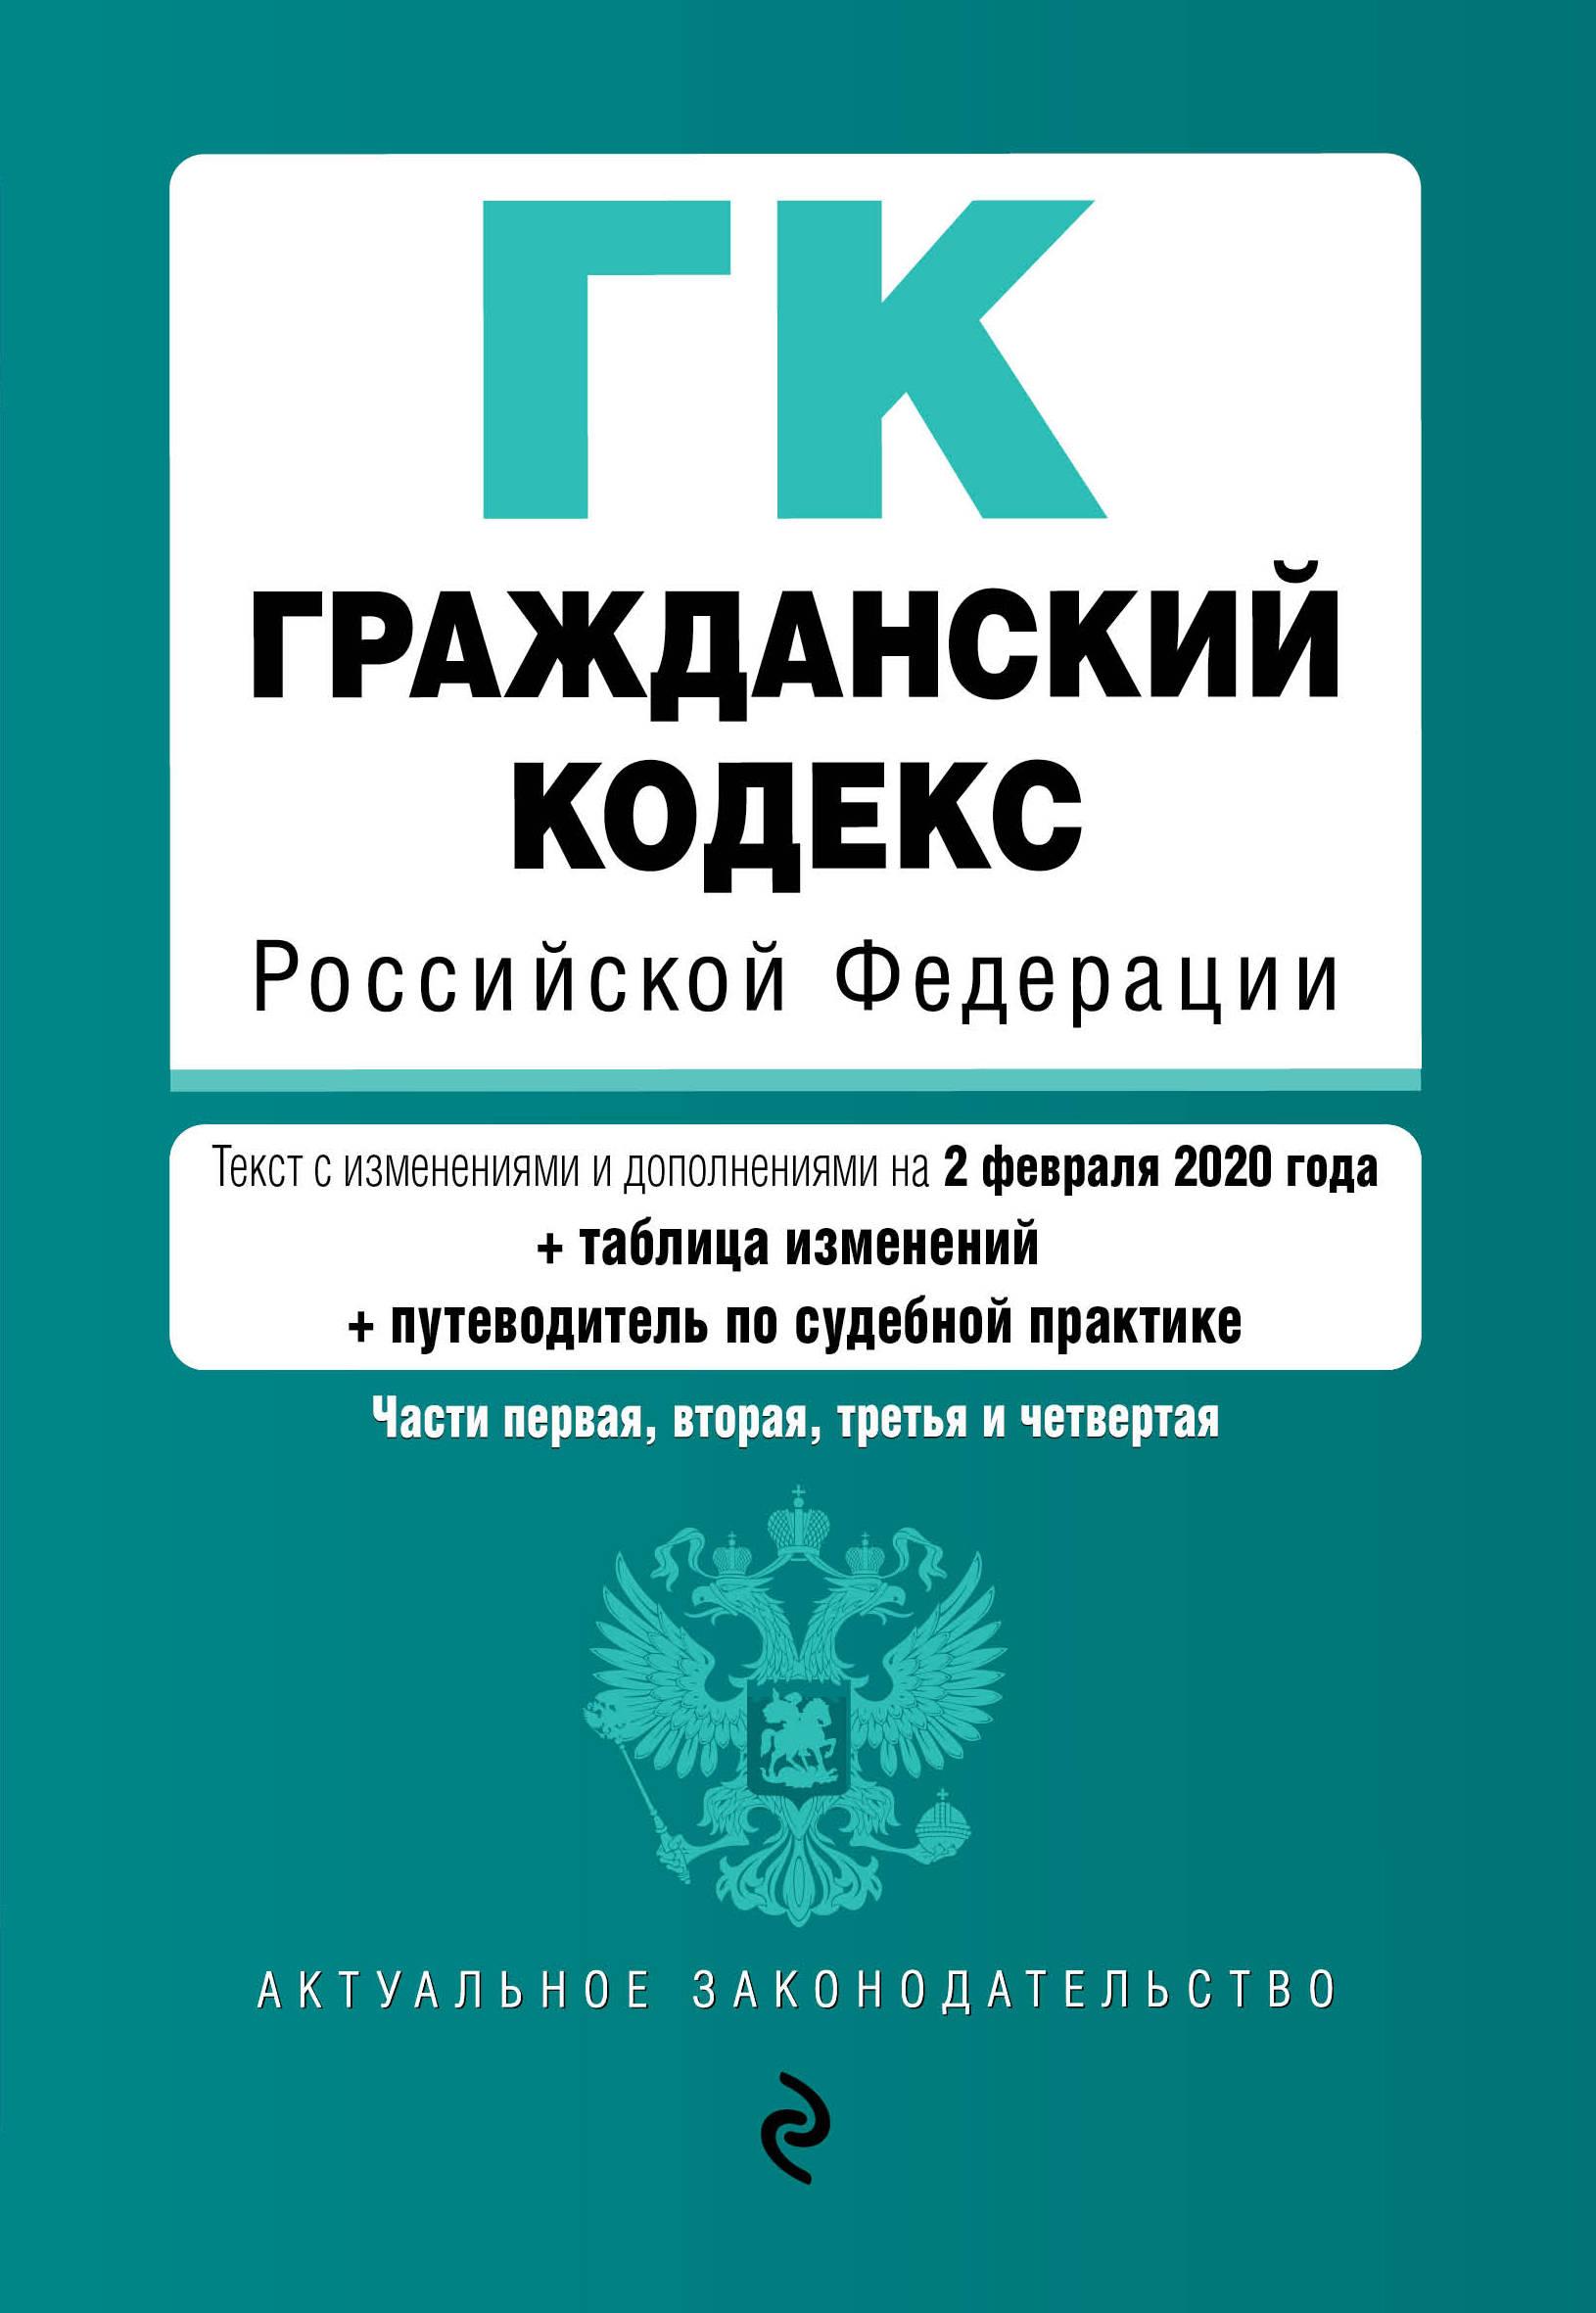 Гражданский кодекс Российской Федерации. Части 1, 2, 3 и 4. Текст с изм. и доп. на 2 февраля 2020 года (+ таблица изменений) (+ путеводитель по судебной практике)